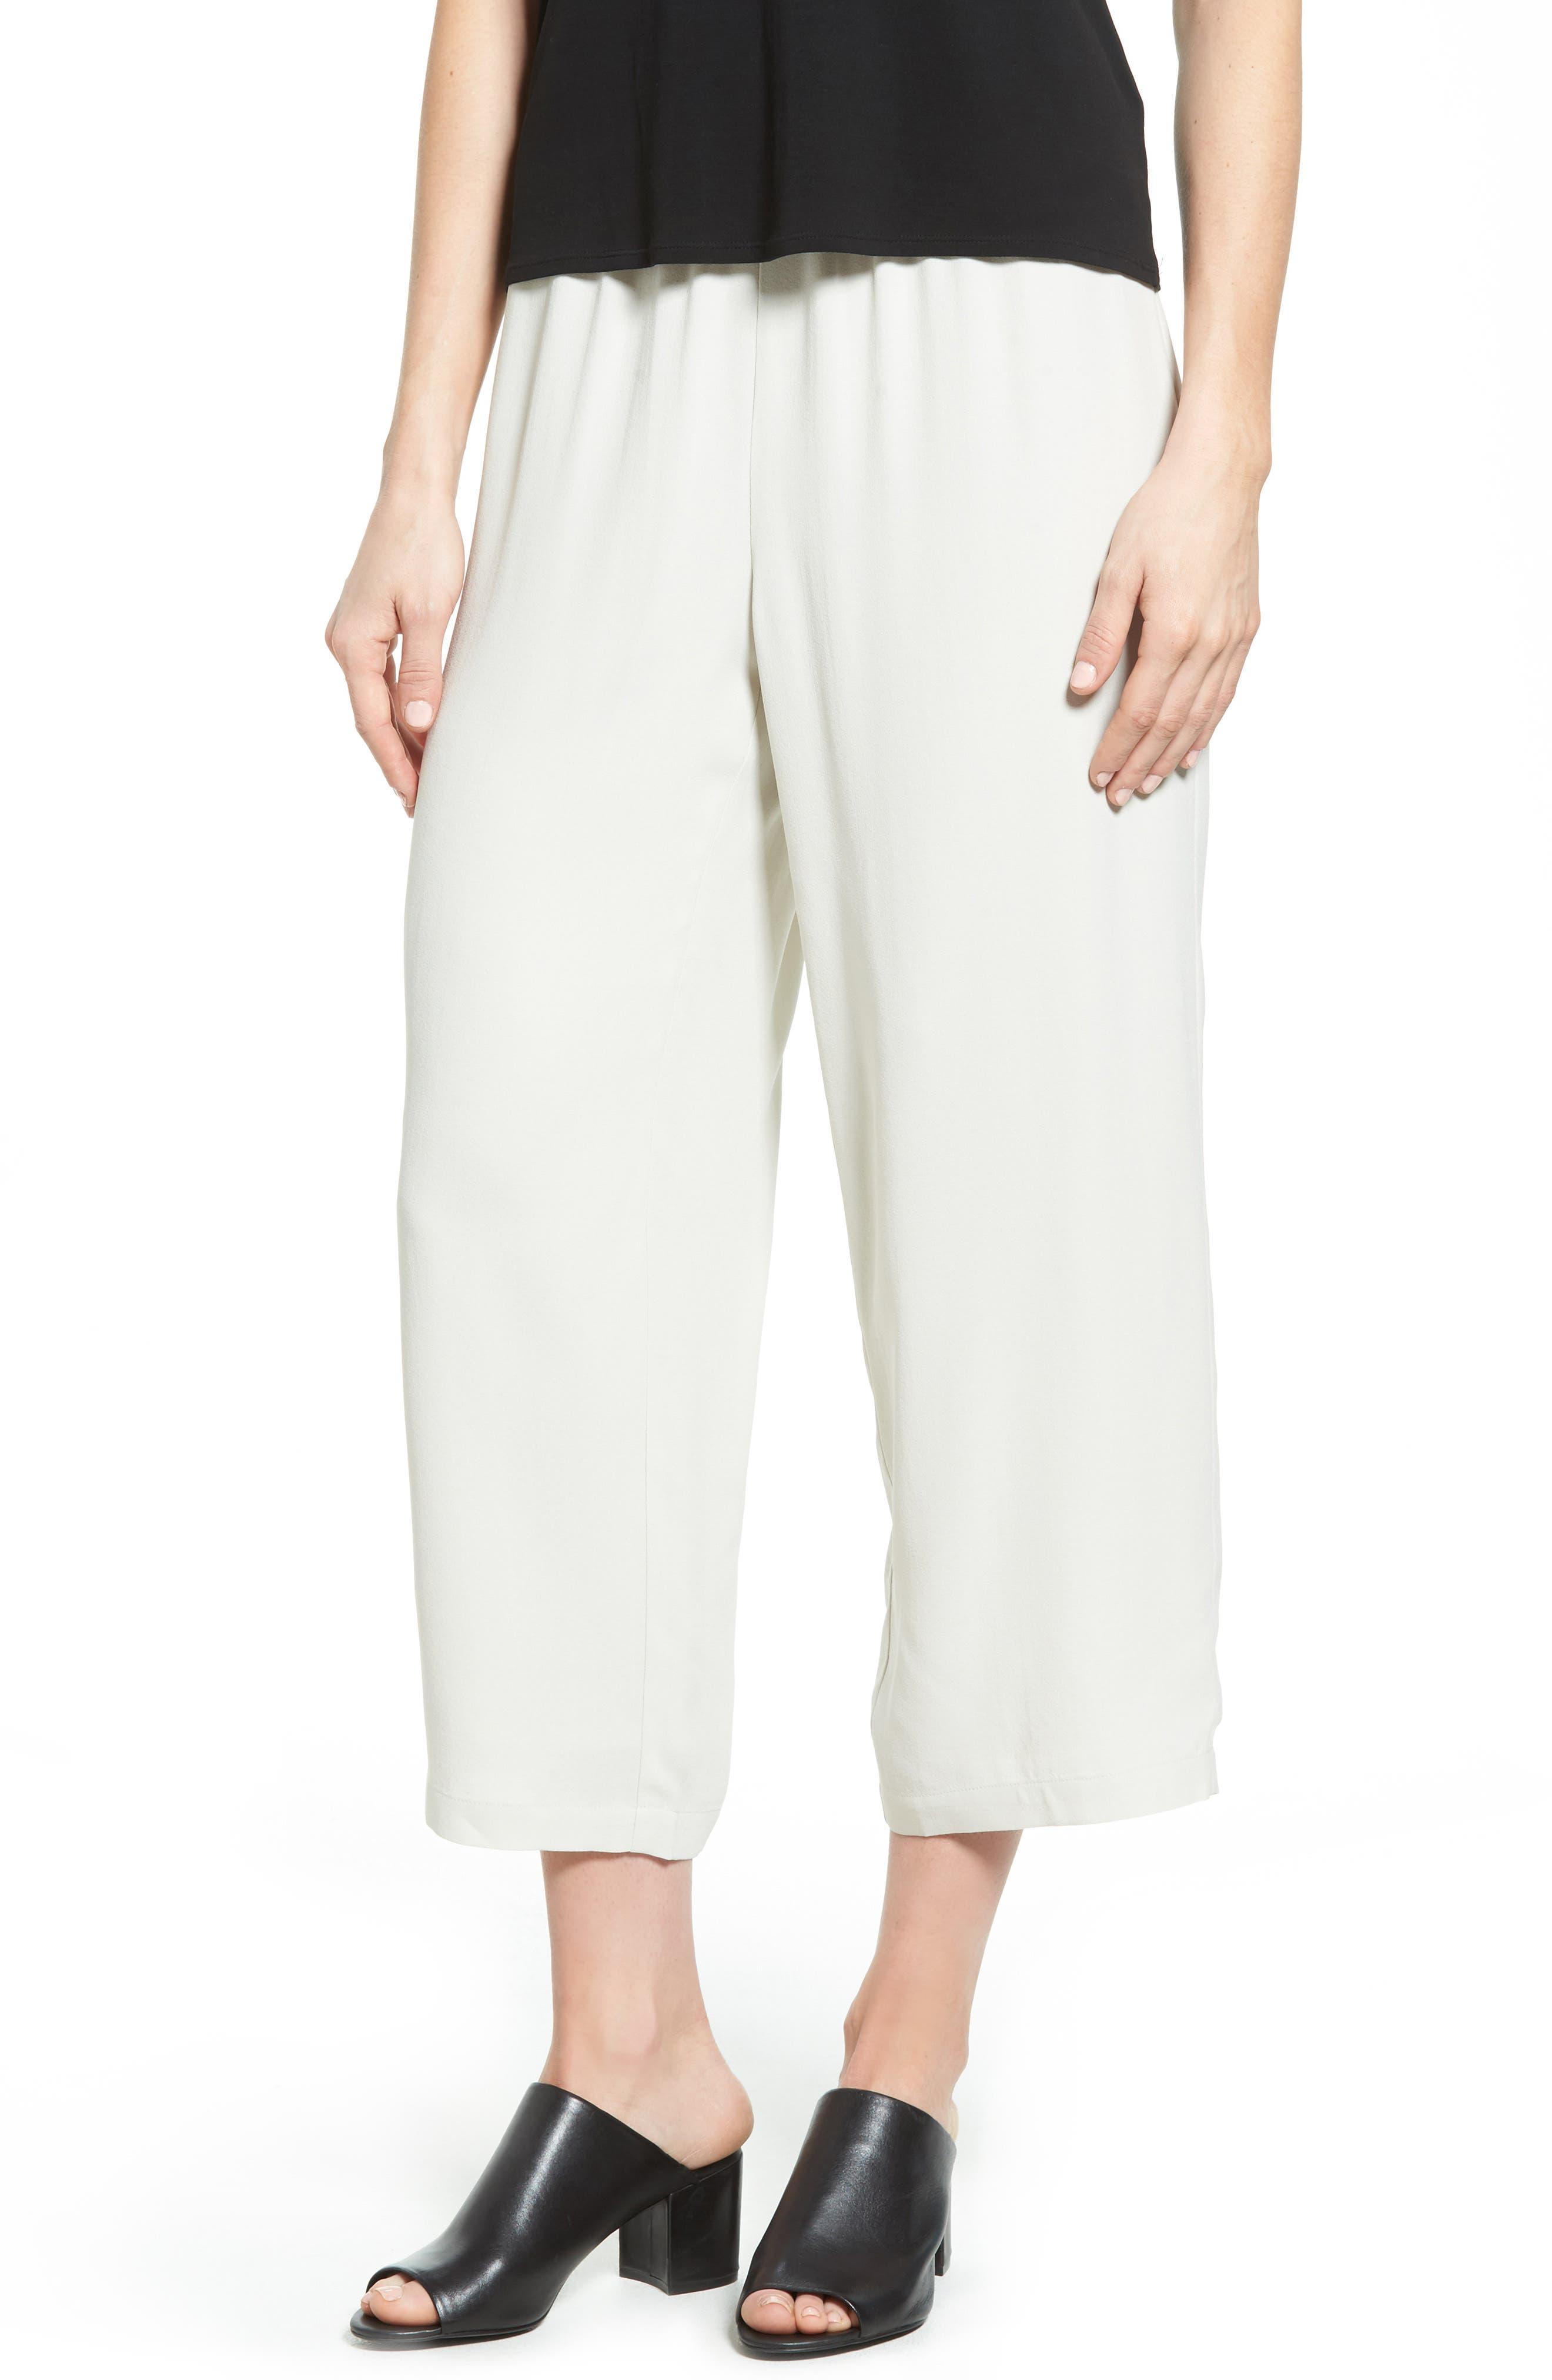 Petite Eileen Fisher Silk Crop Pants, Beige